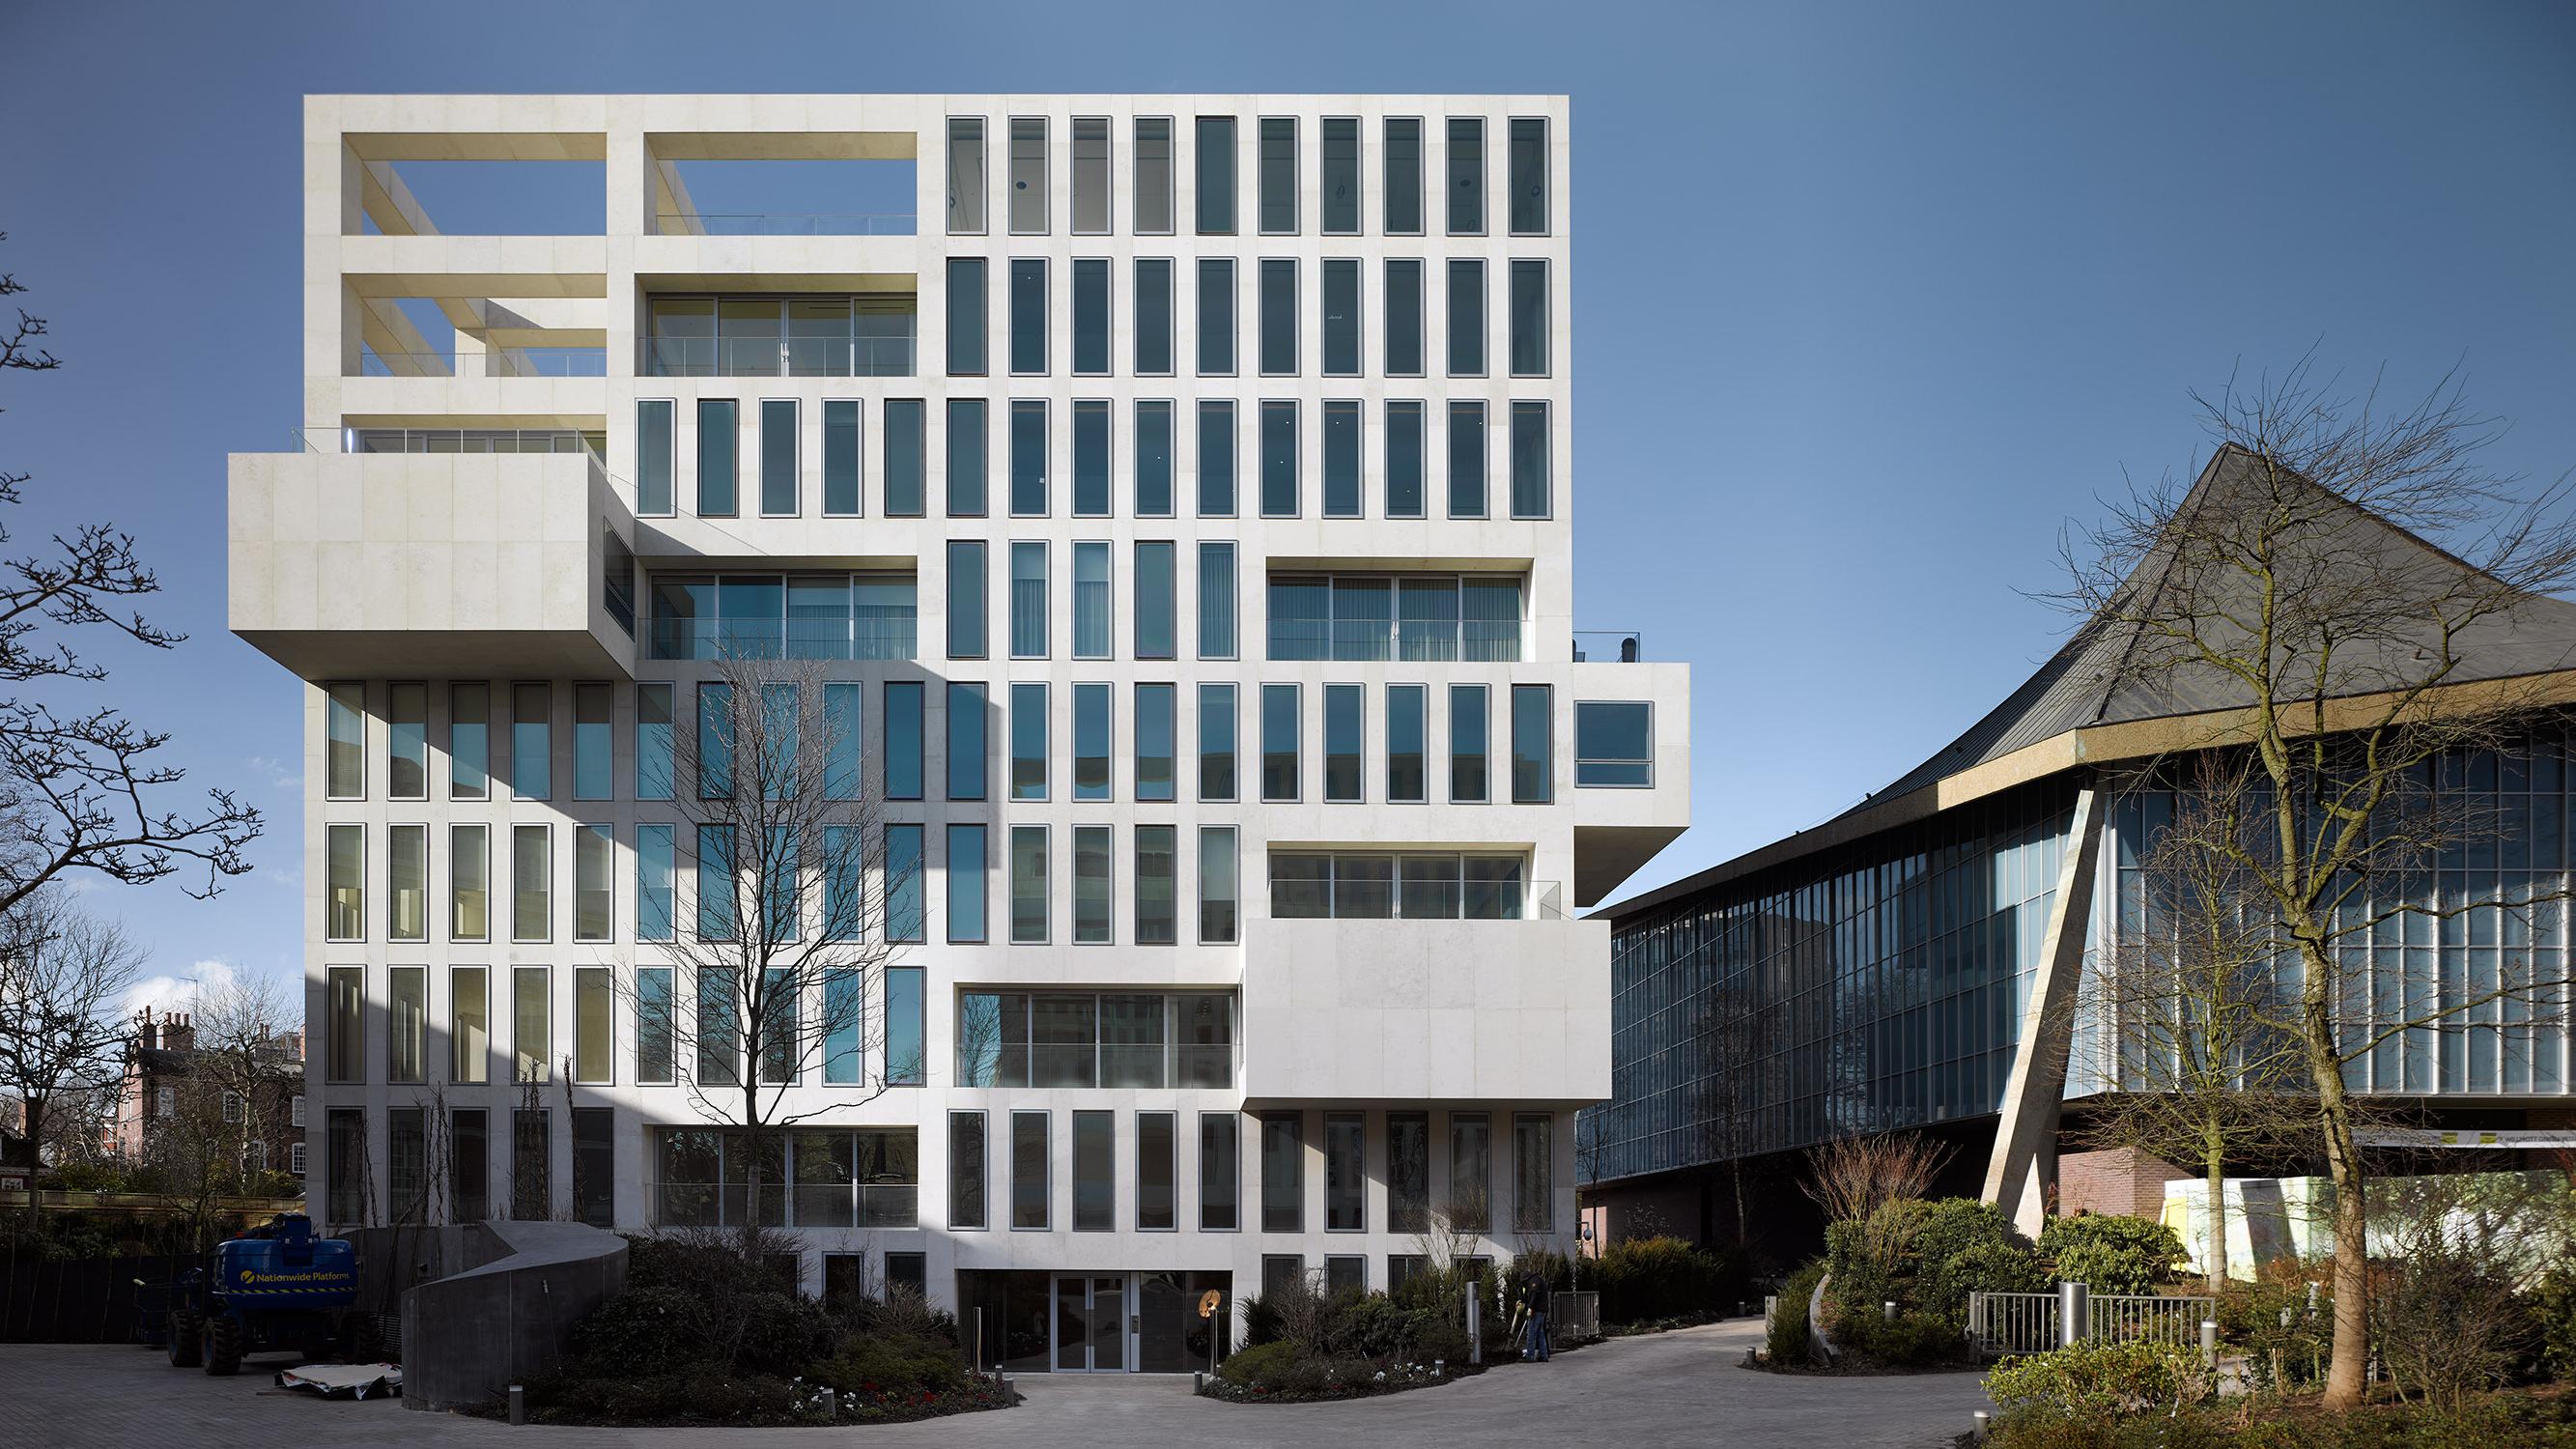 Senior architect at OMA in Hong Kong, China